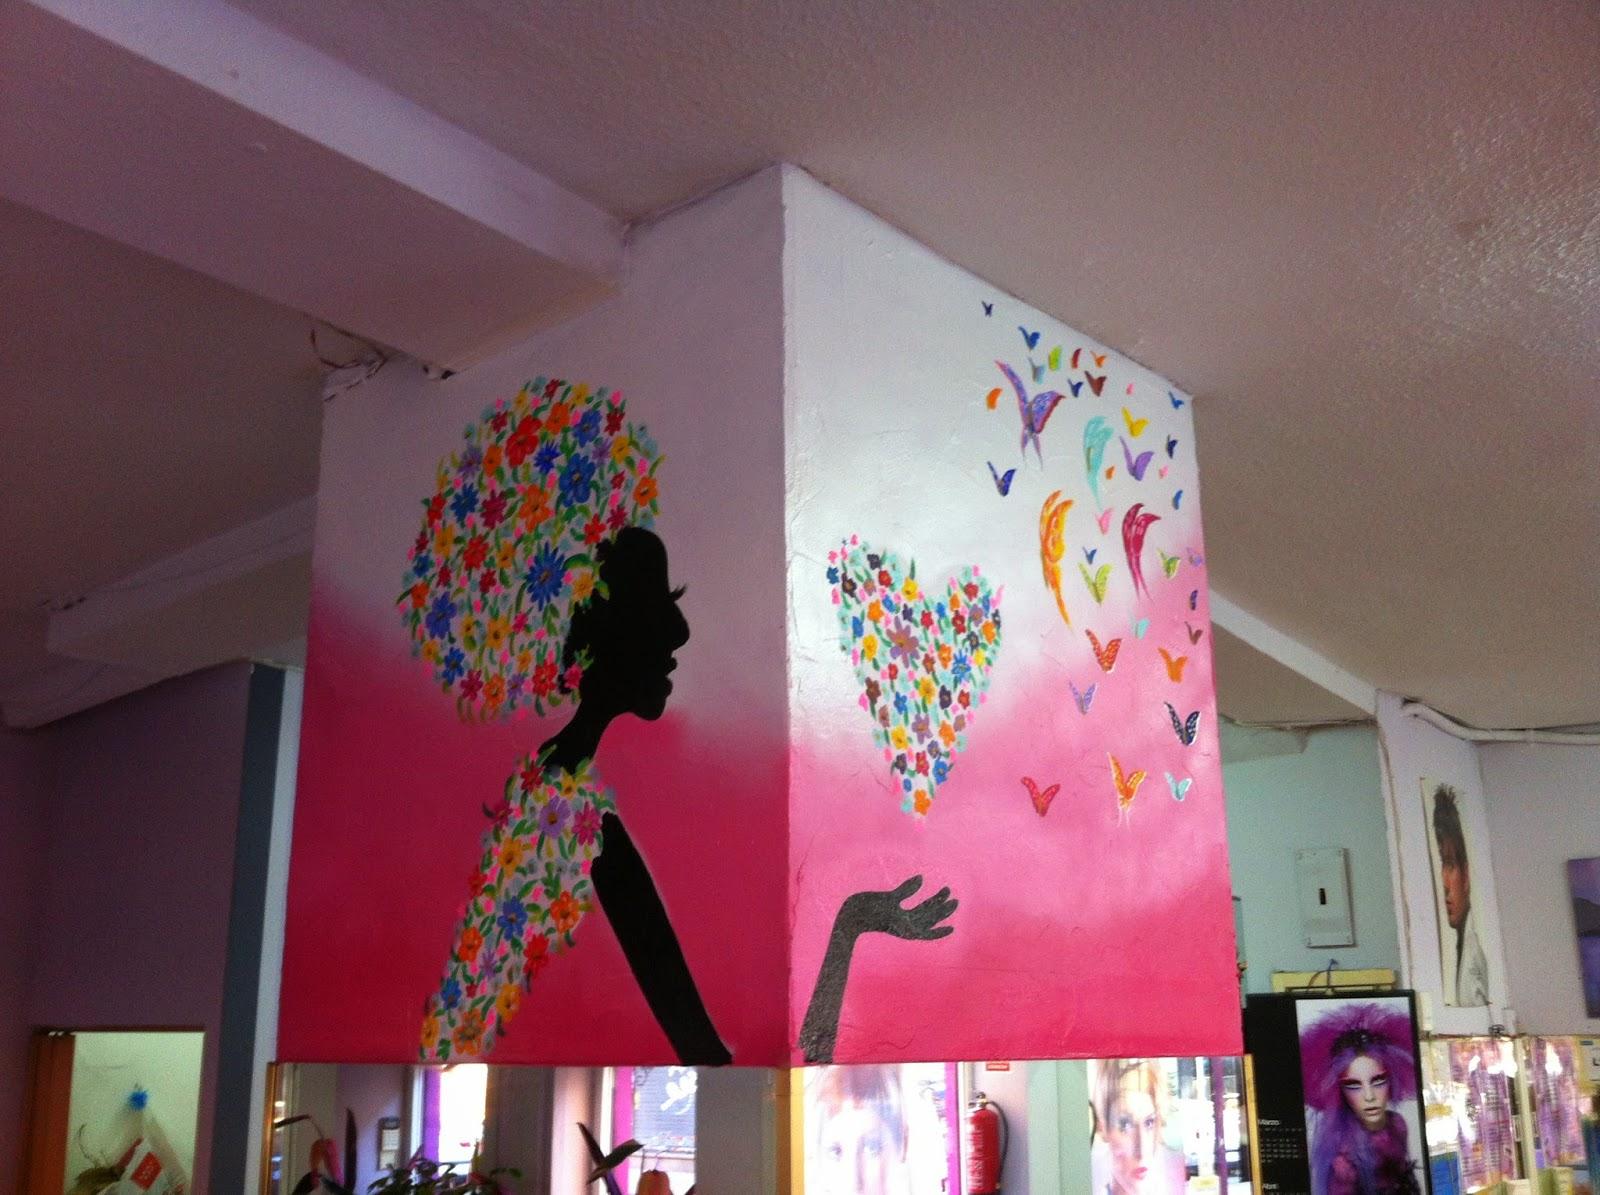 Uge arte decoracion interior de peluqueria dibujos con - Decoracion en peluquerias ...